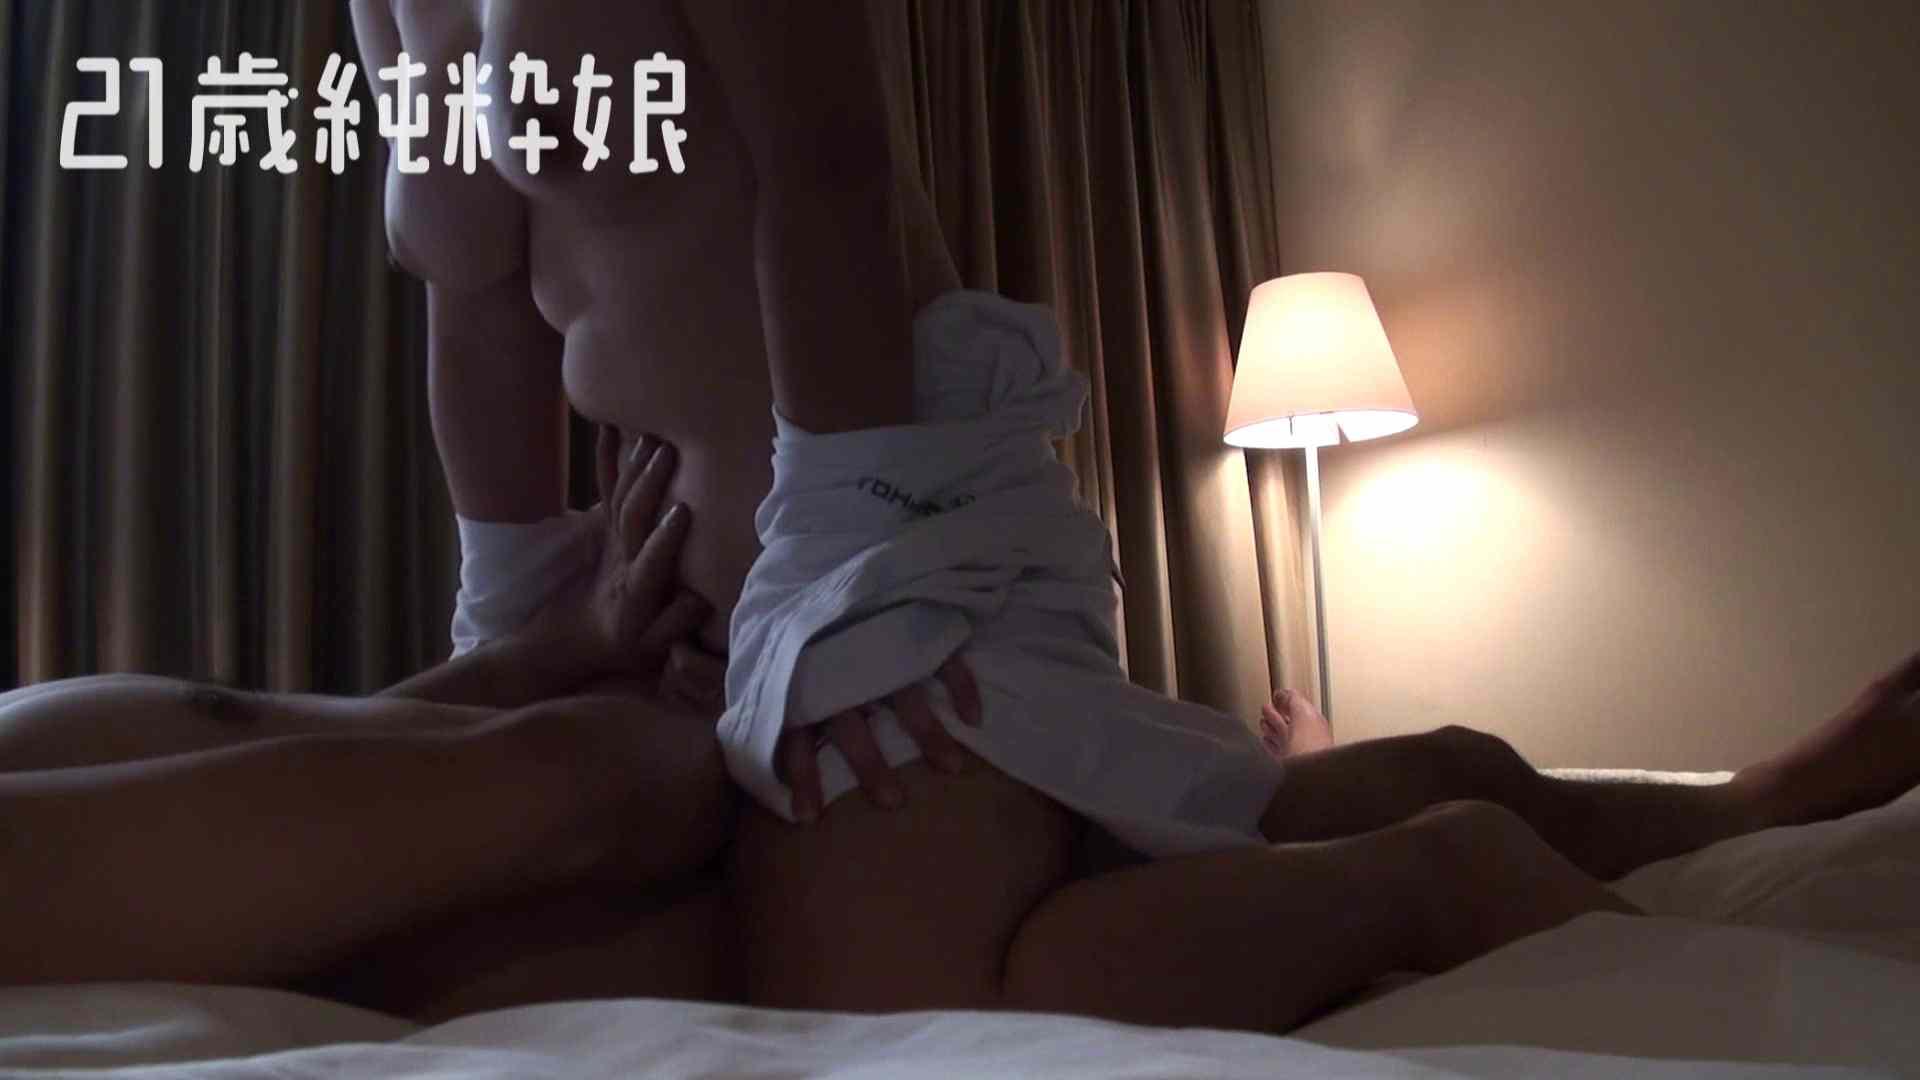 上京したばかりのGカップ21歳純粋嬢を都合の良い女にしてみた2 中出し | SEXプレイ  97連発 82